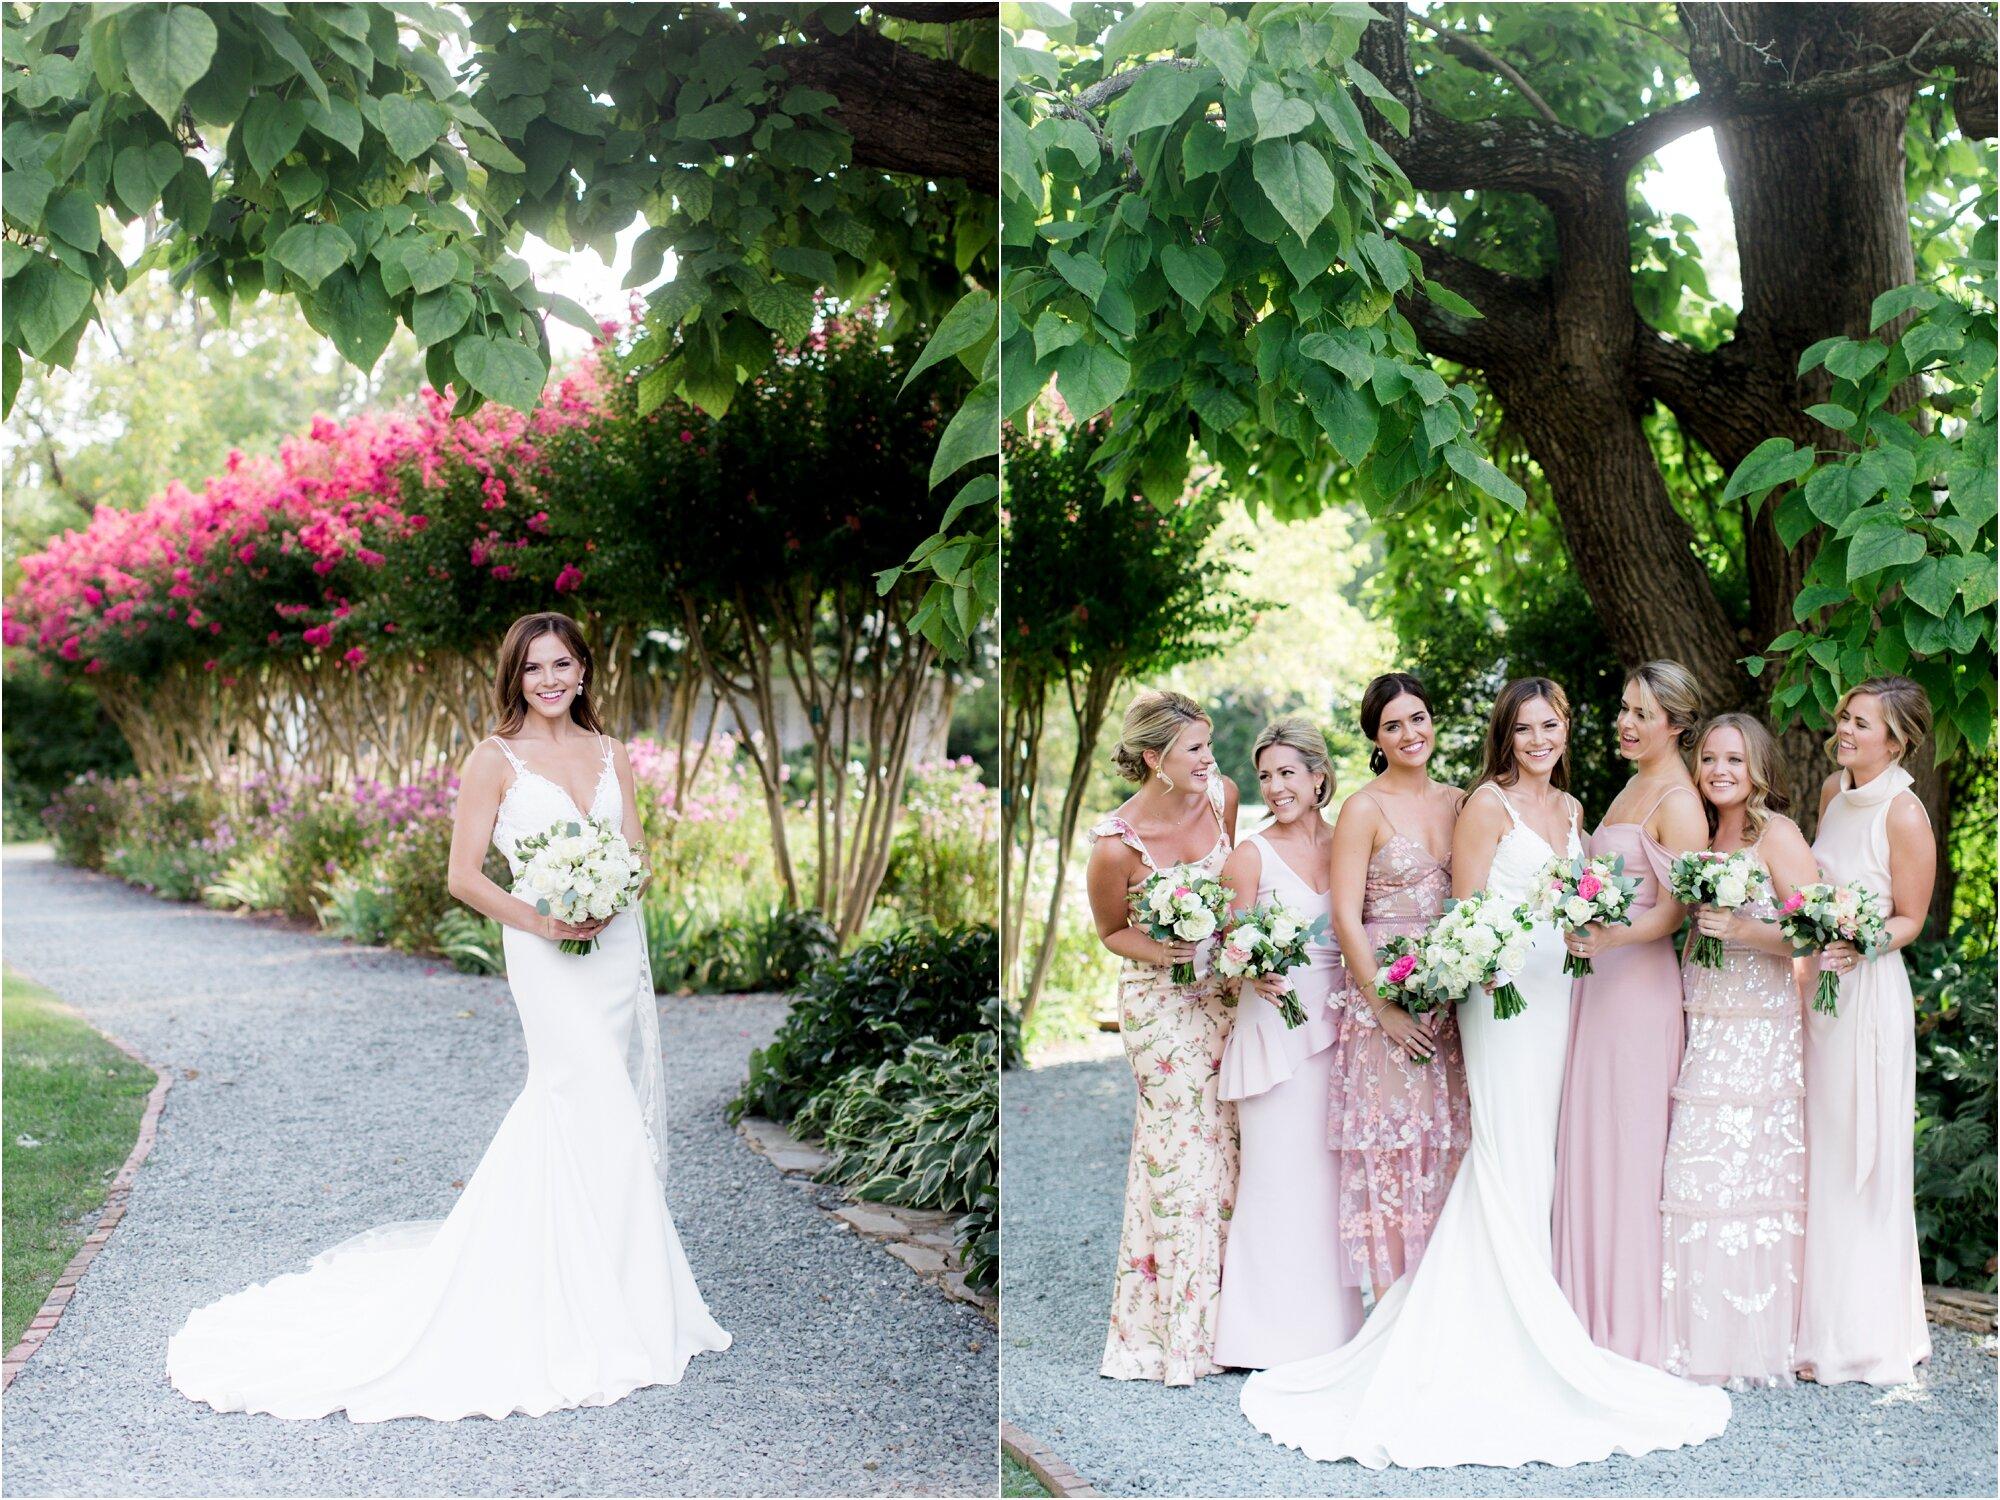 jane-tom-clifton-inn-charlottesville-wedding-_0013.jpg